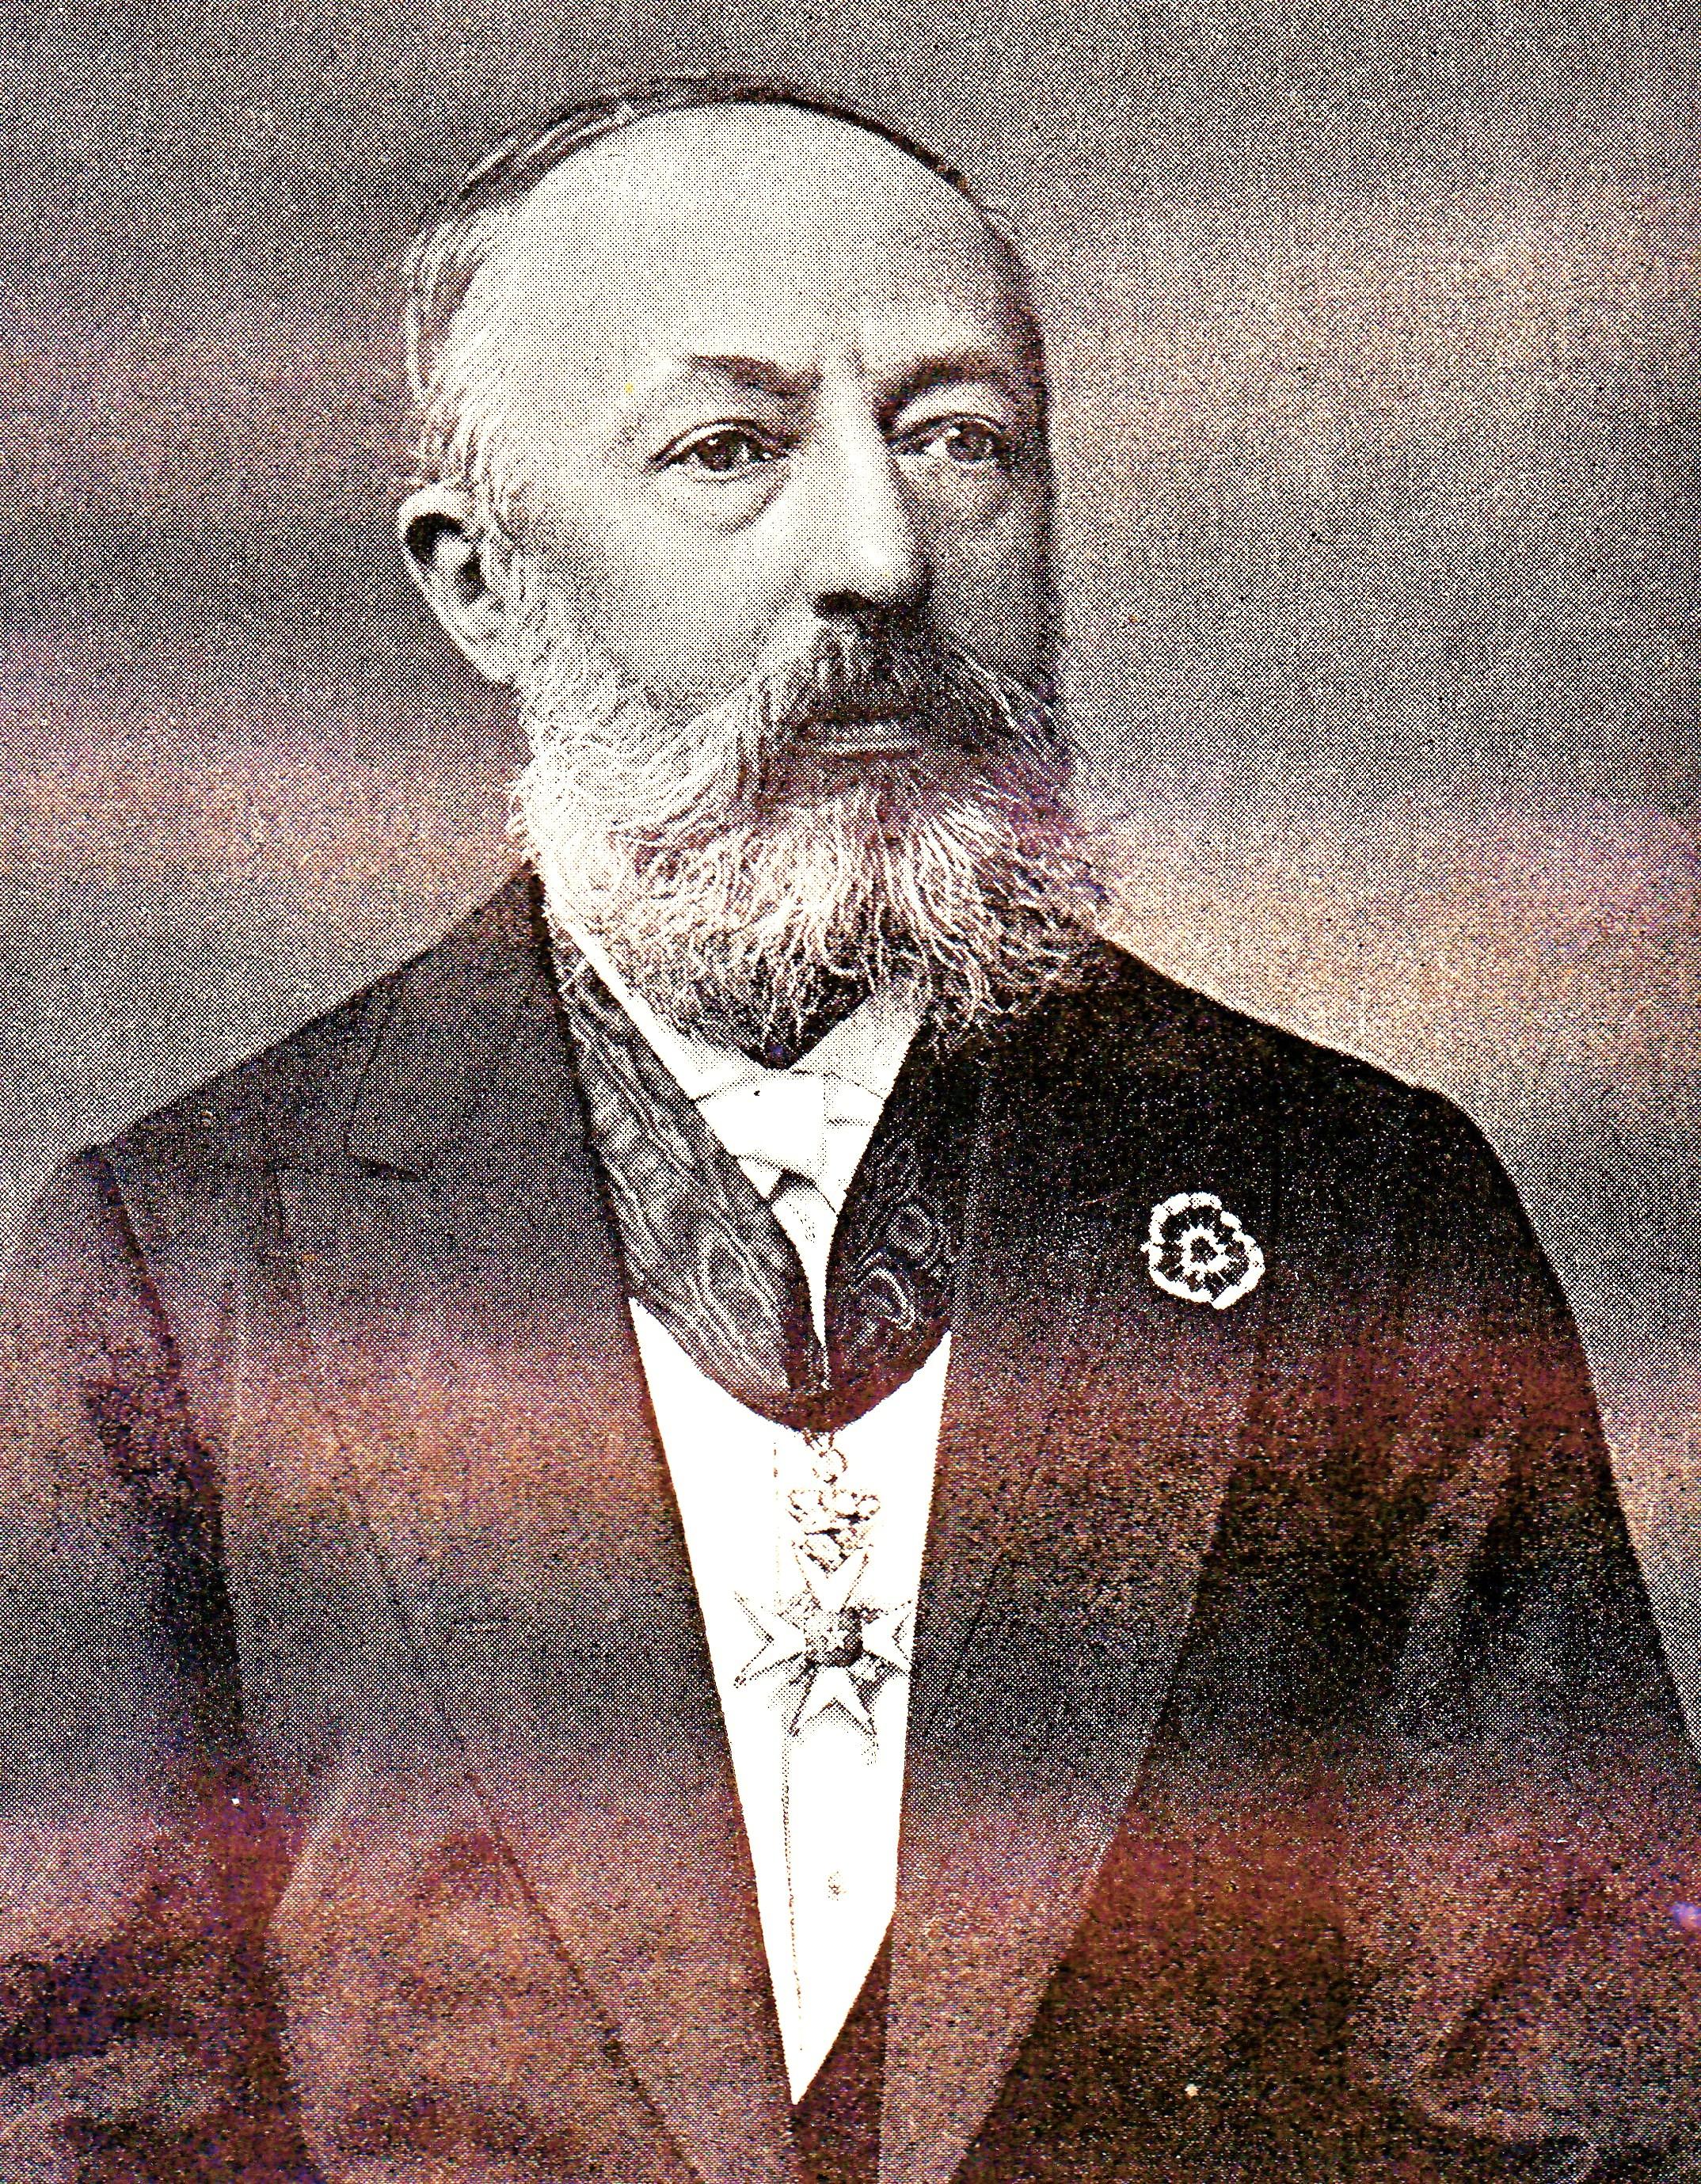 Michael Jan de Goeje